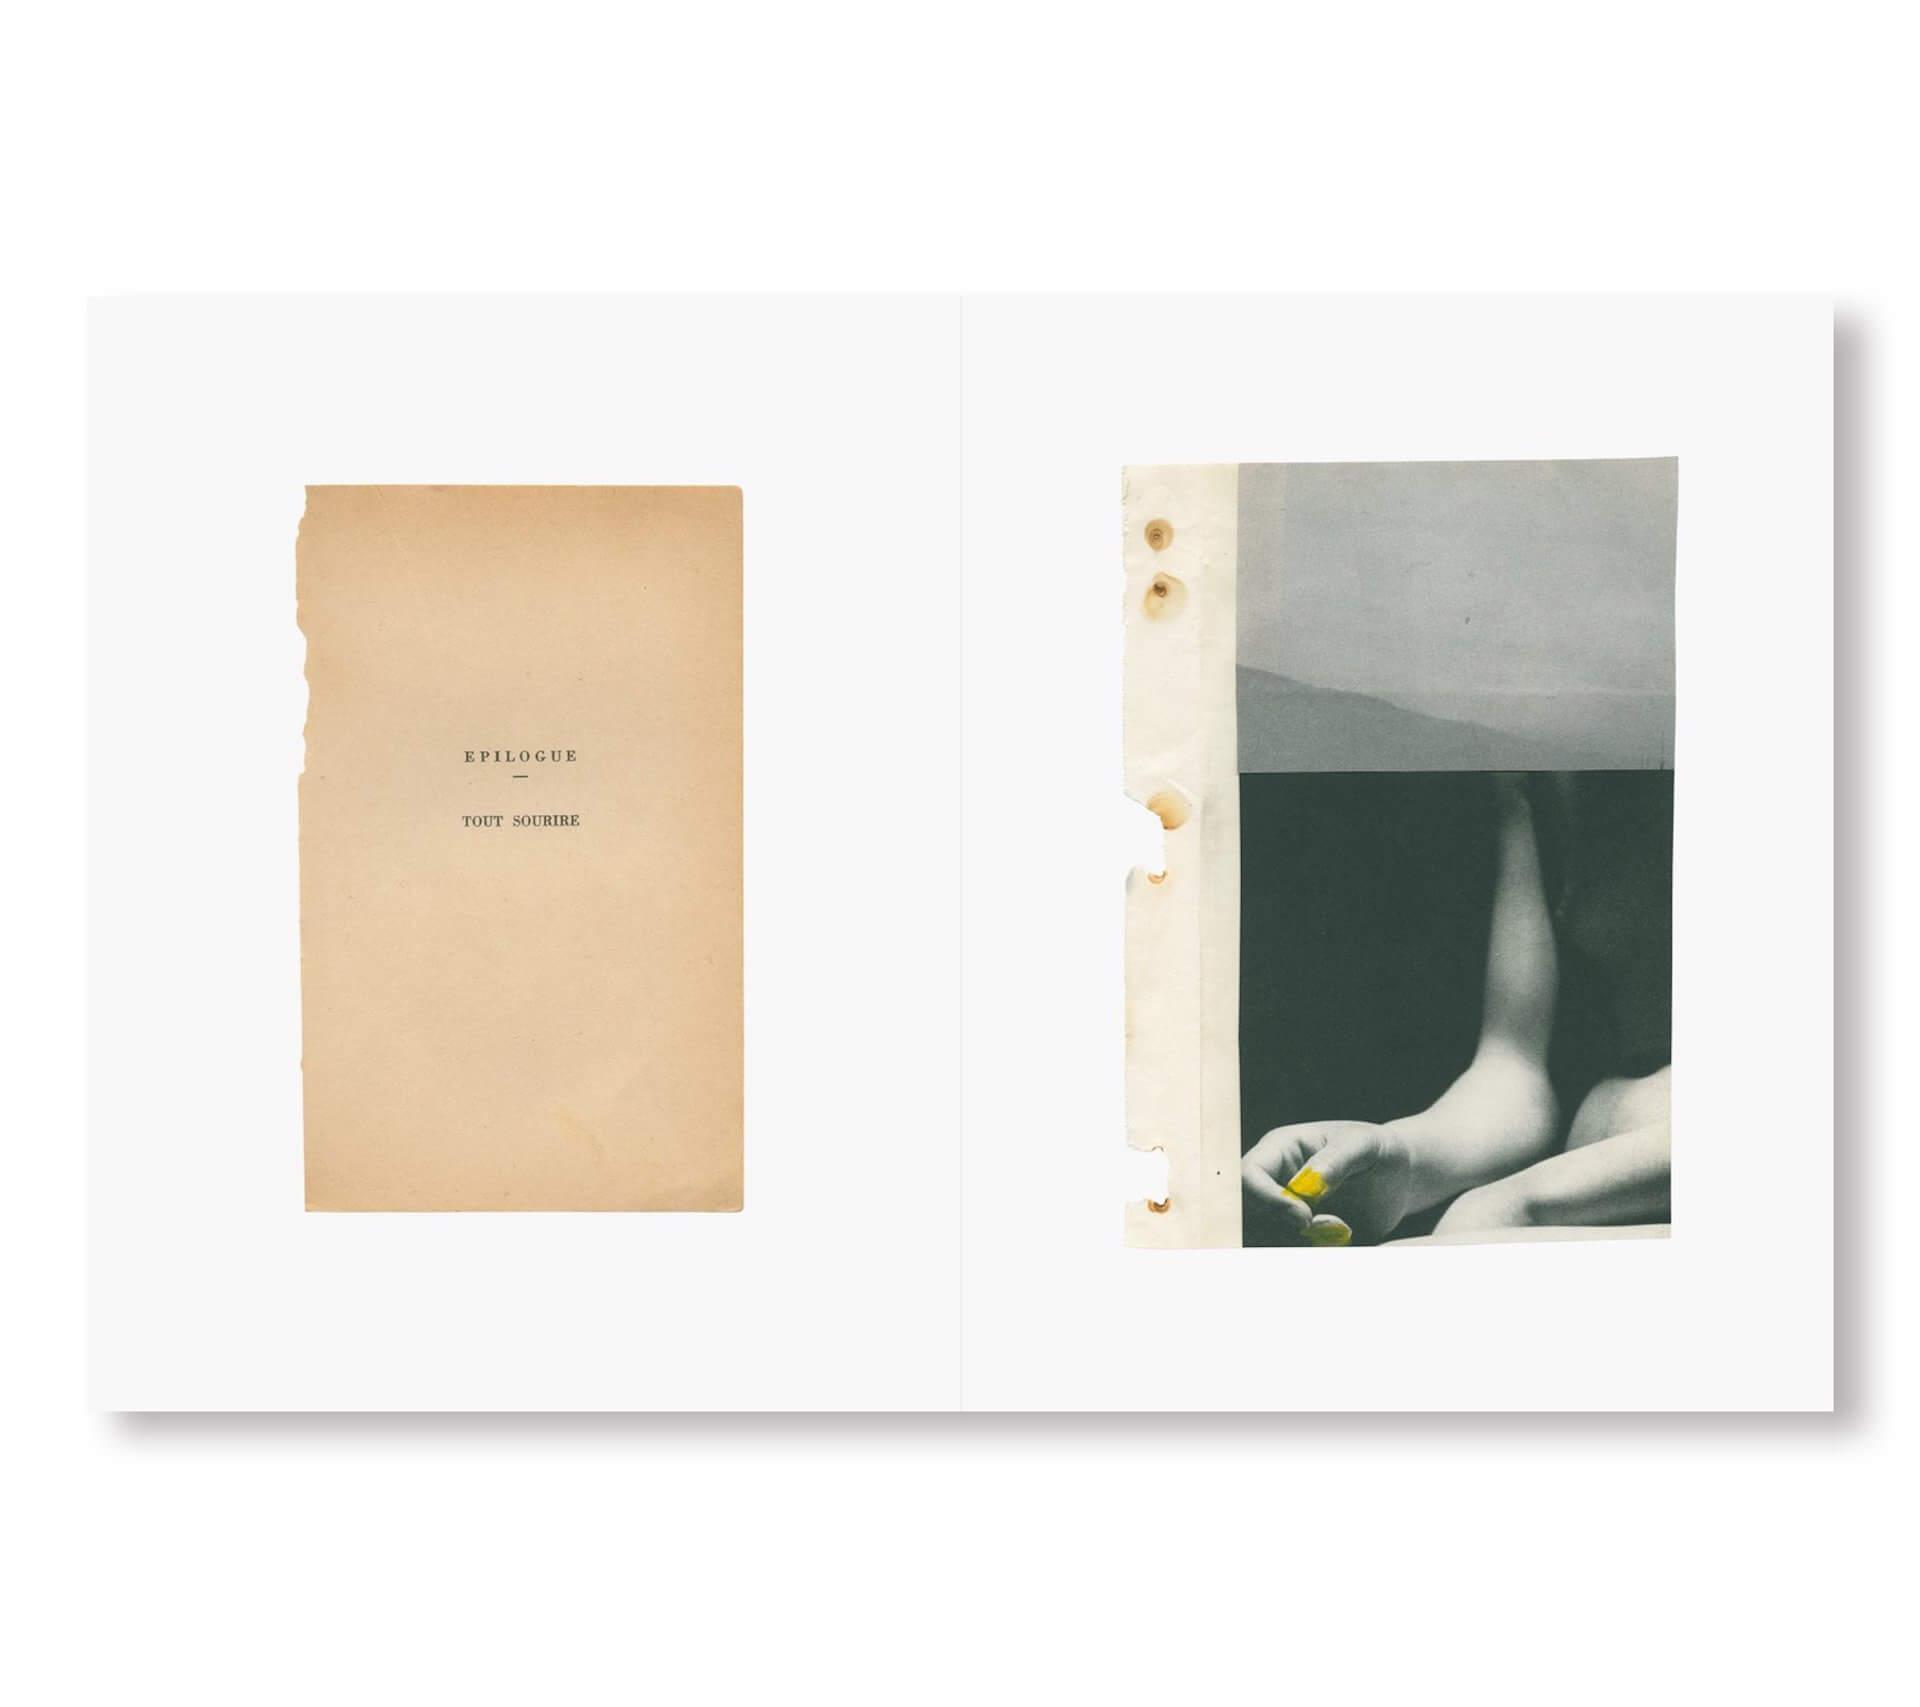 アートブックノススメ|Qetic編集部が選ぶ5冊/Harmony Korine 他 column210210_artbook-015